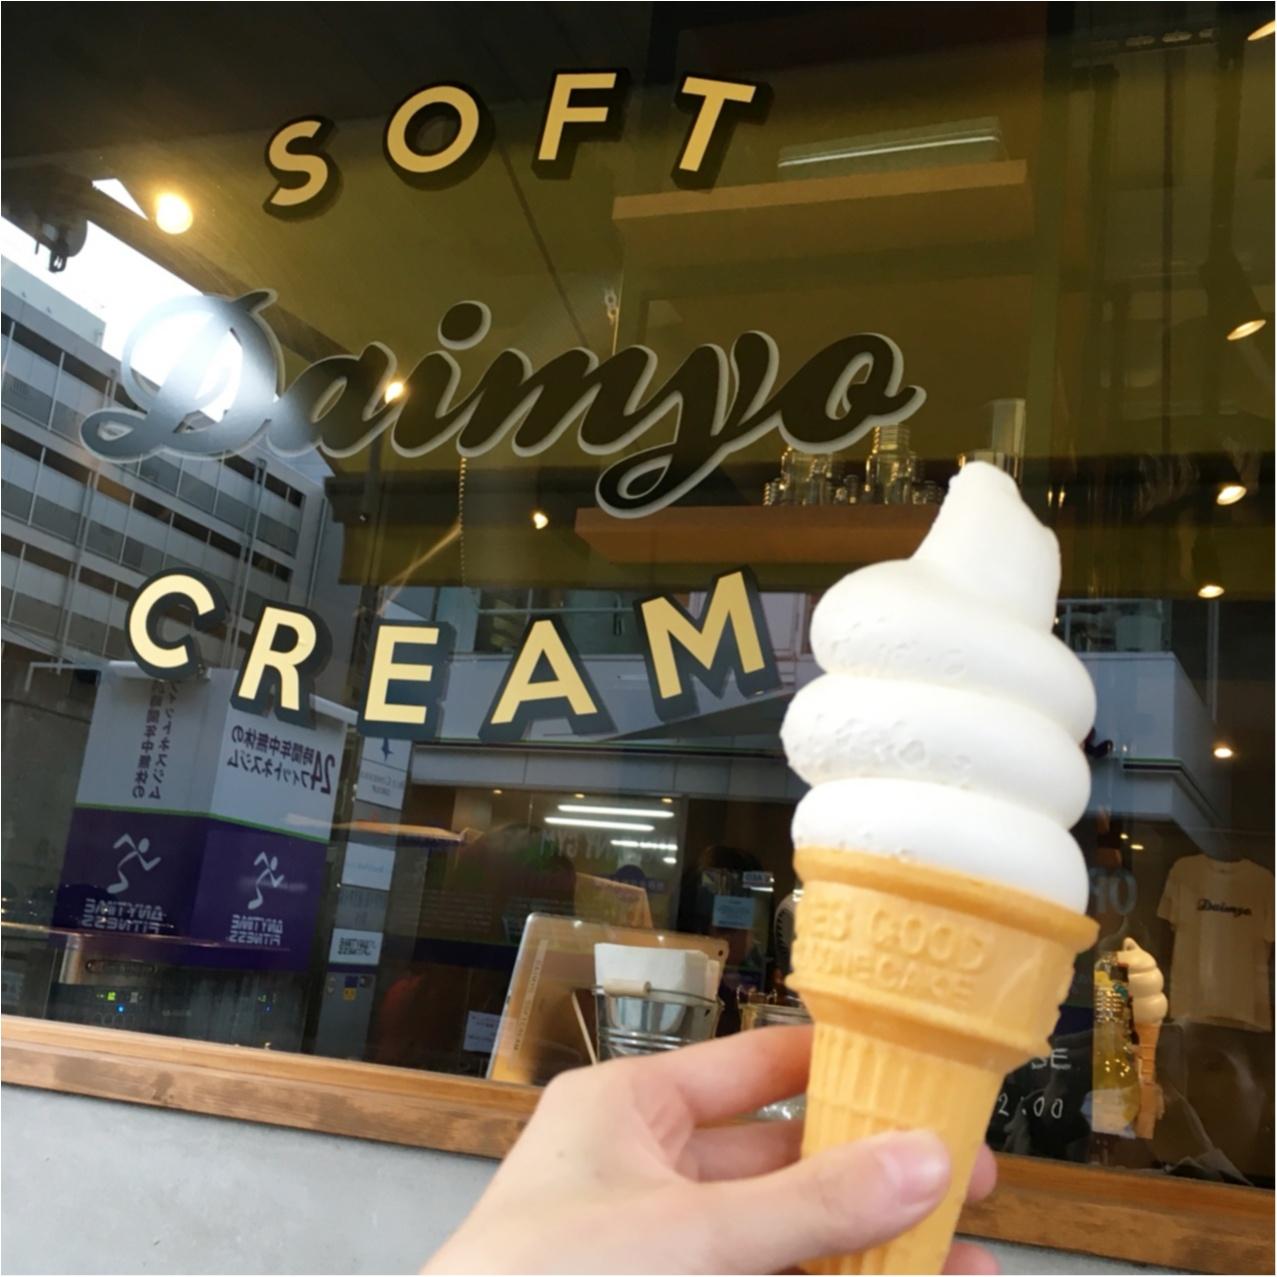 《 私のカフェめぐり♪ 》まるまるフォルムがかわいい♡ 福岡のソフトクリーム専門店のこだわりソフトクリーム♡♡_3